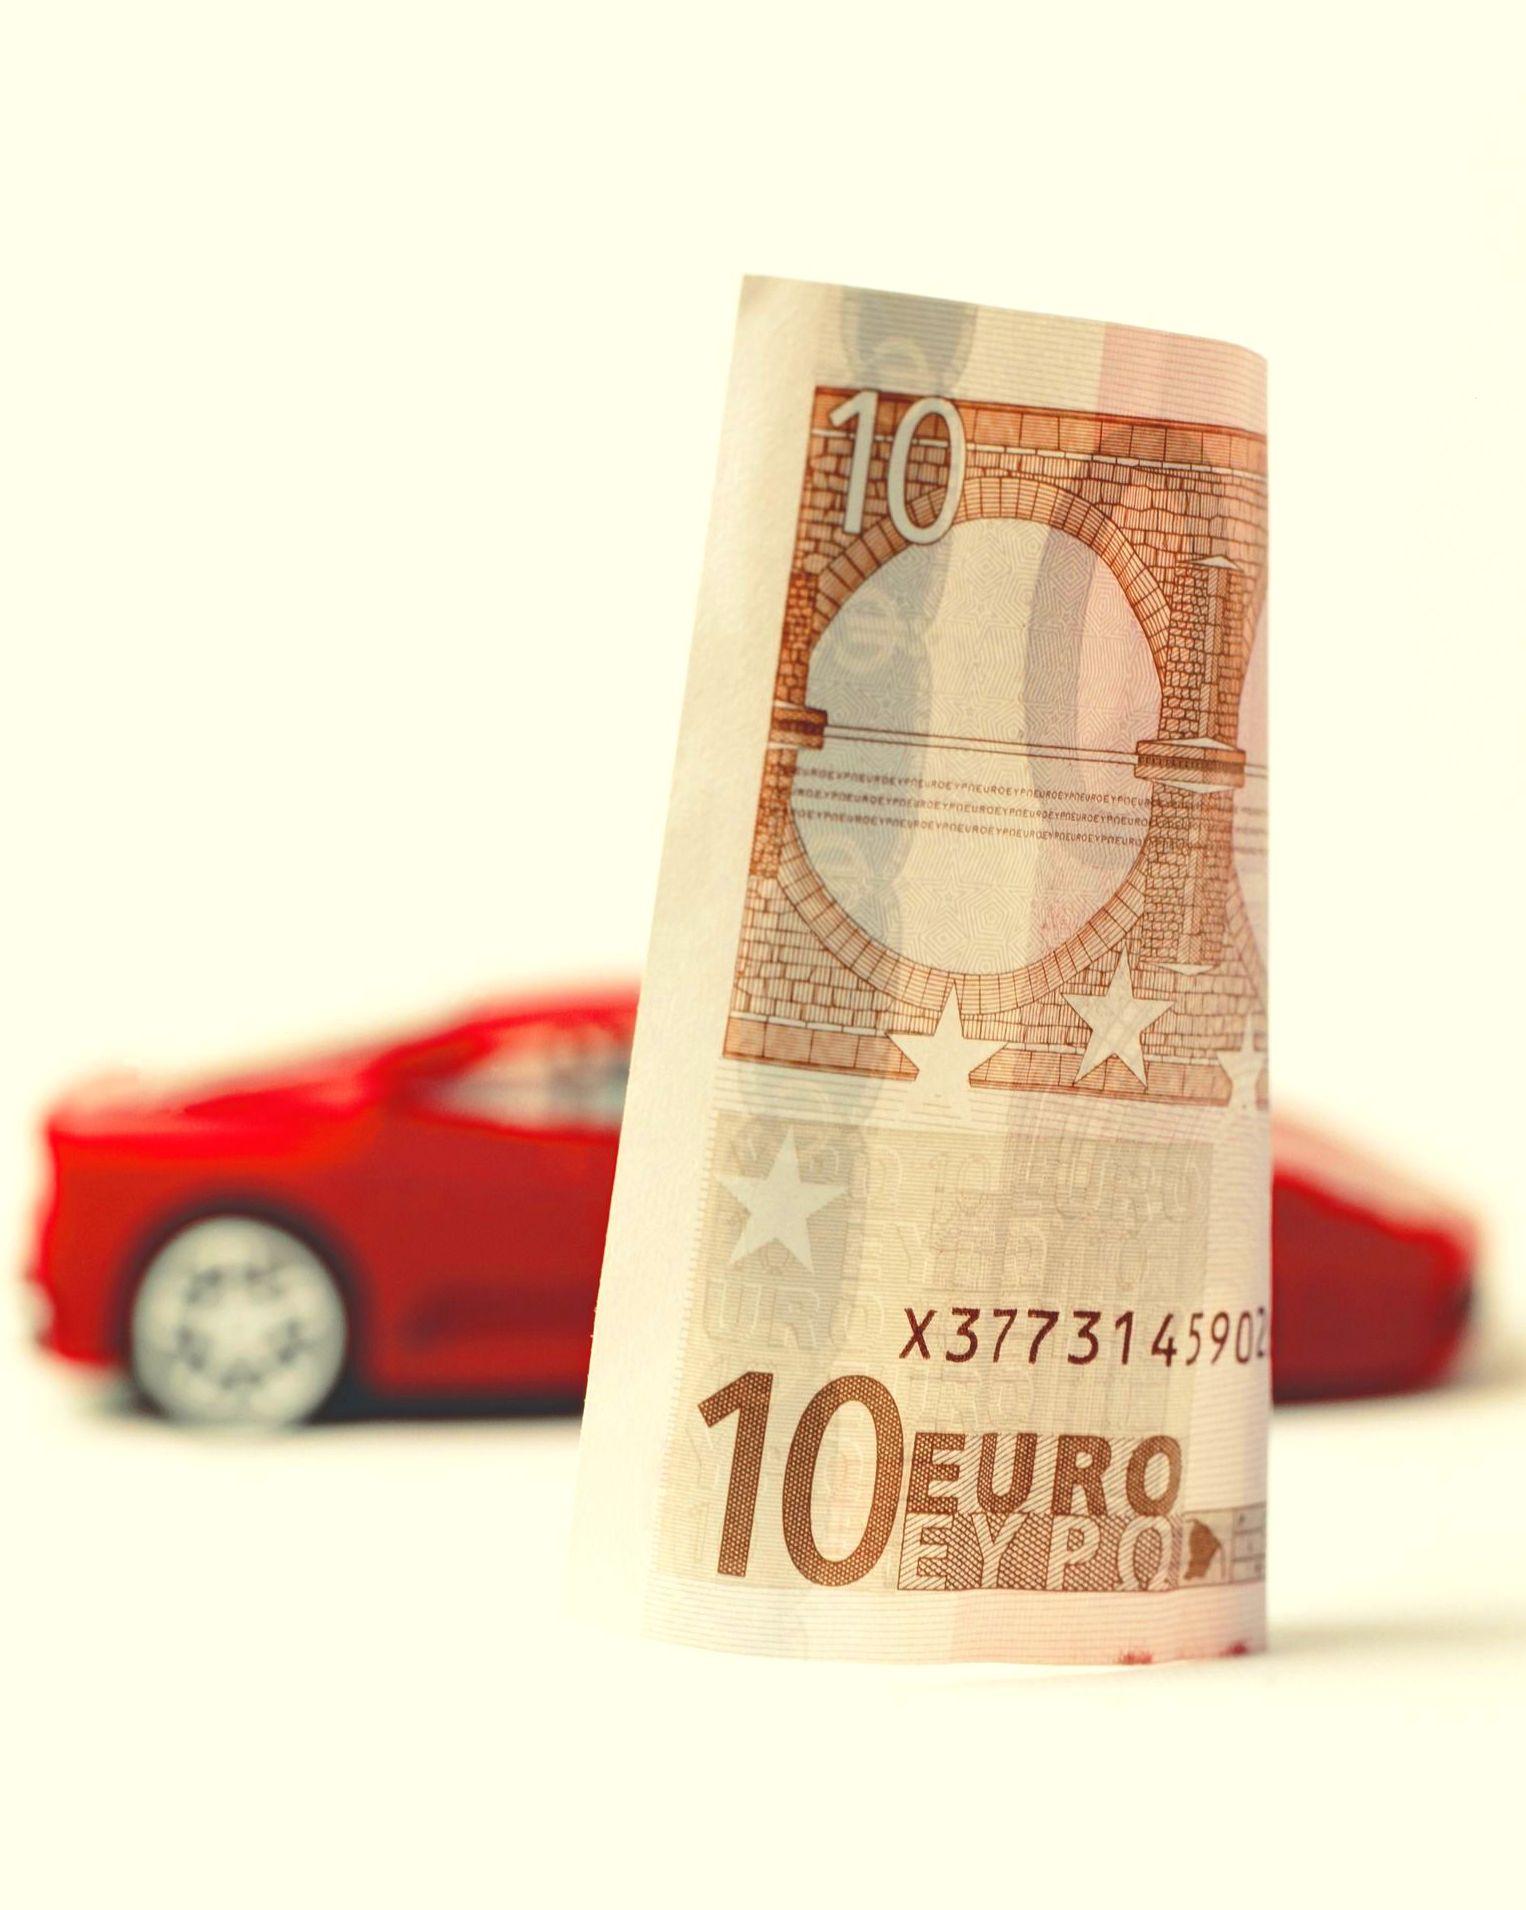 Dinero rápido - Vehículo - Coche - Financiación - Private Credit